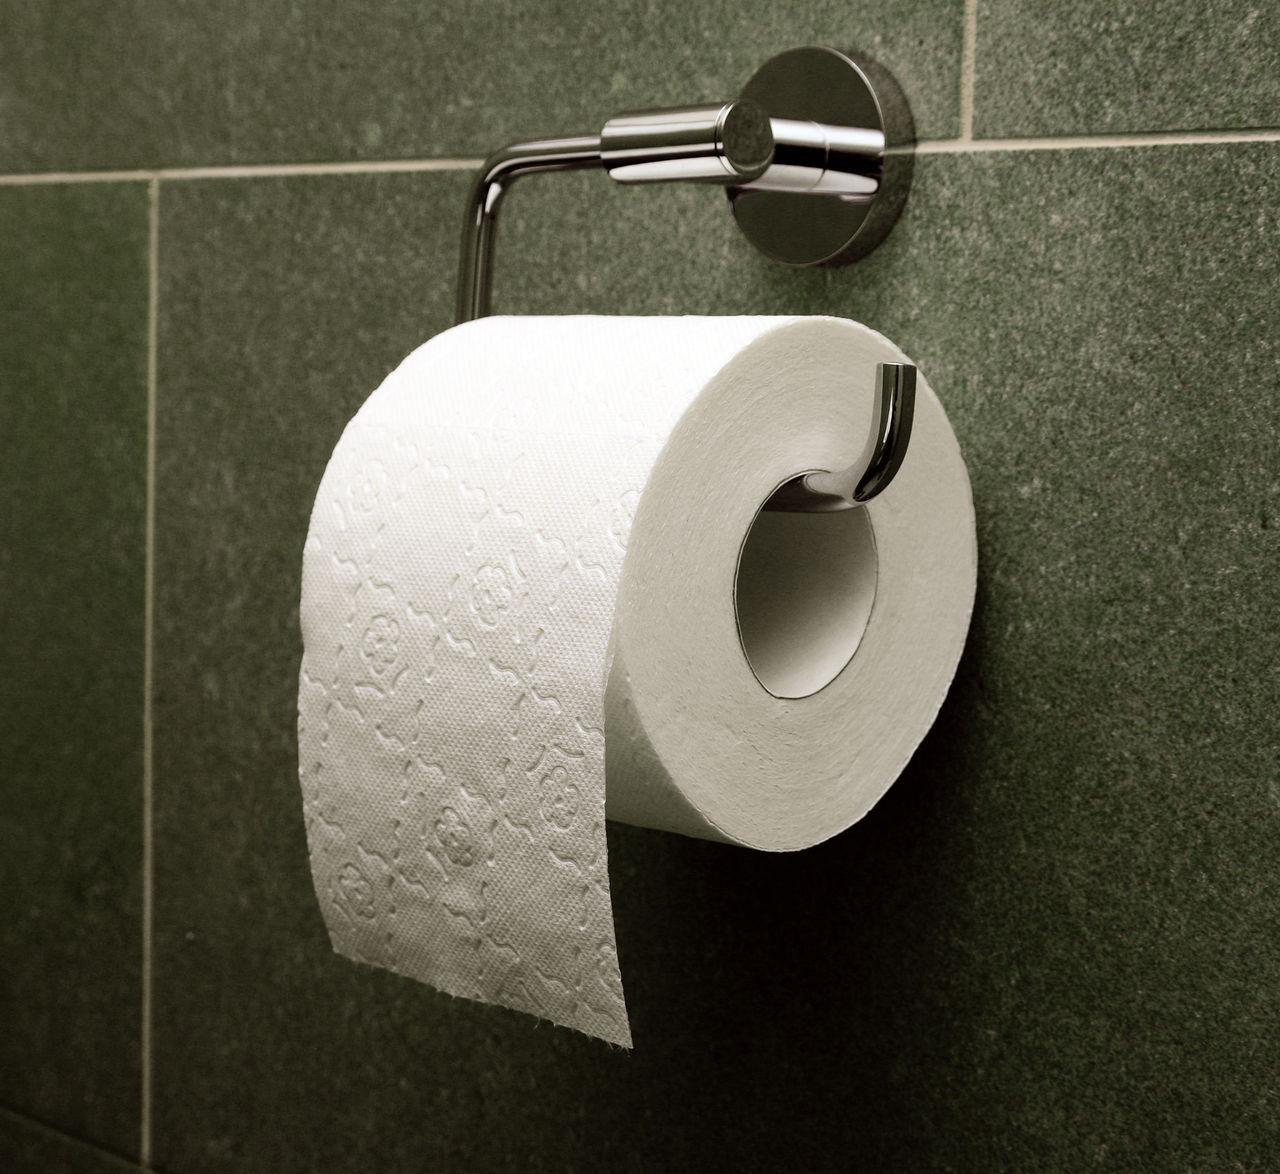 Tranås vill återvinna toalettpapper